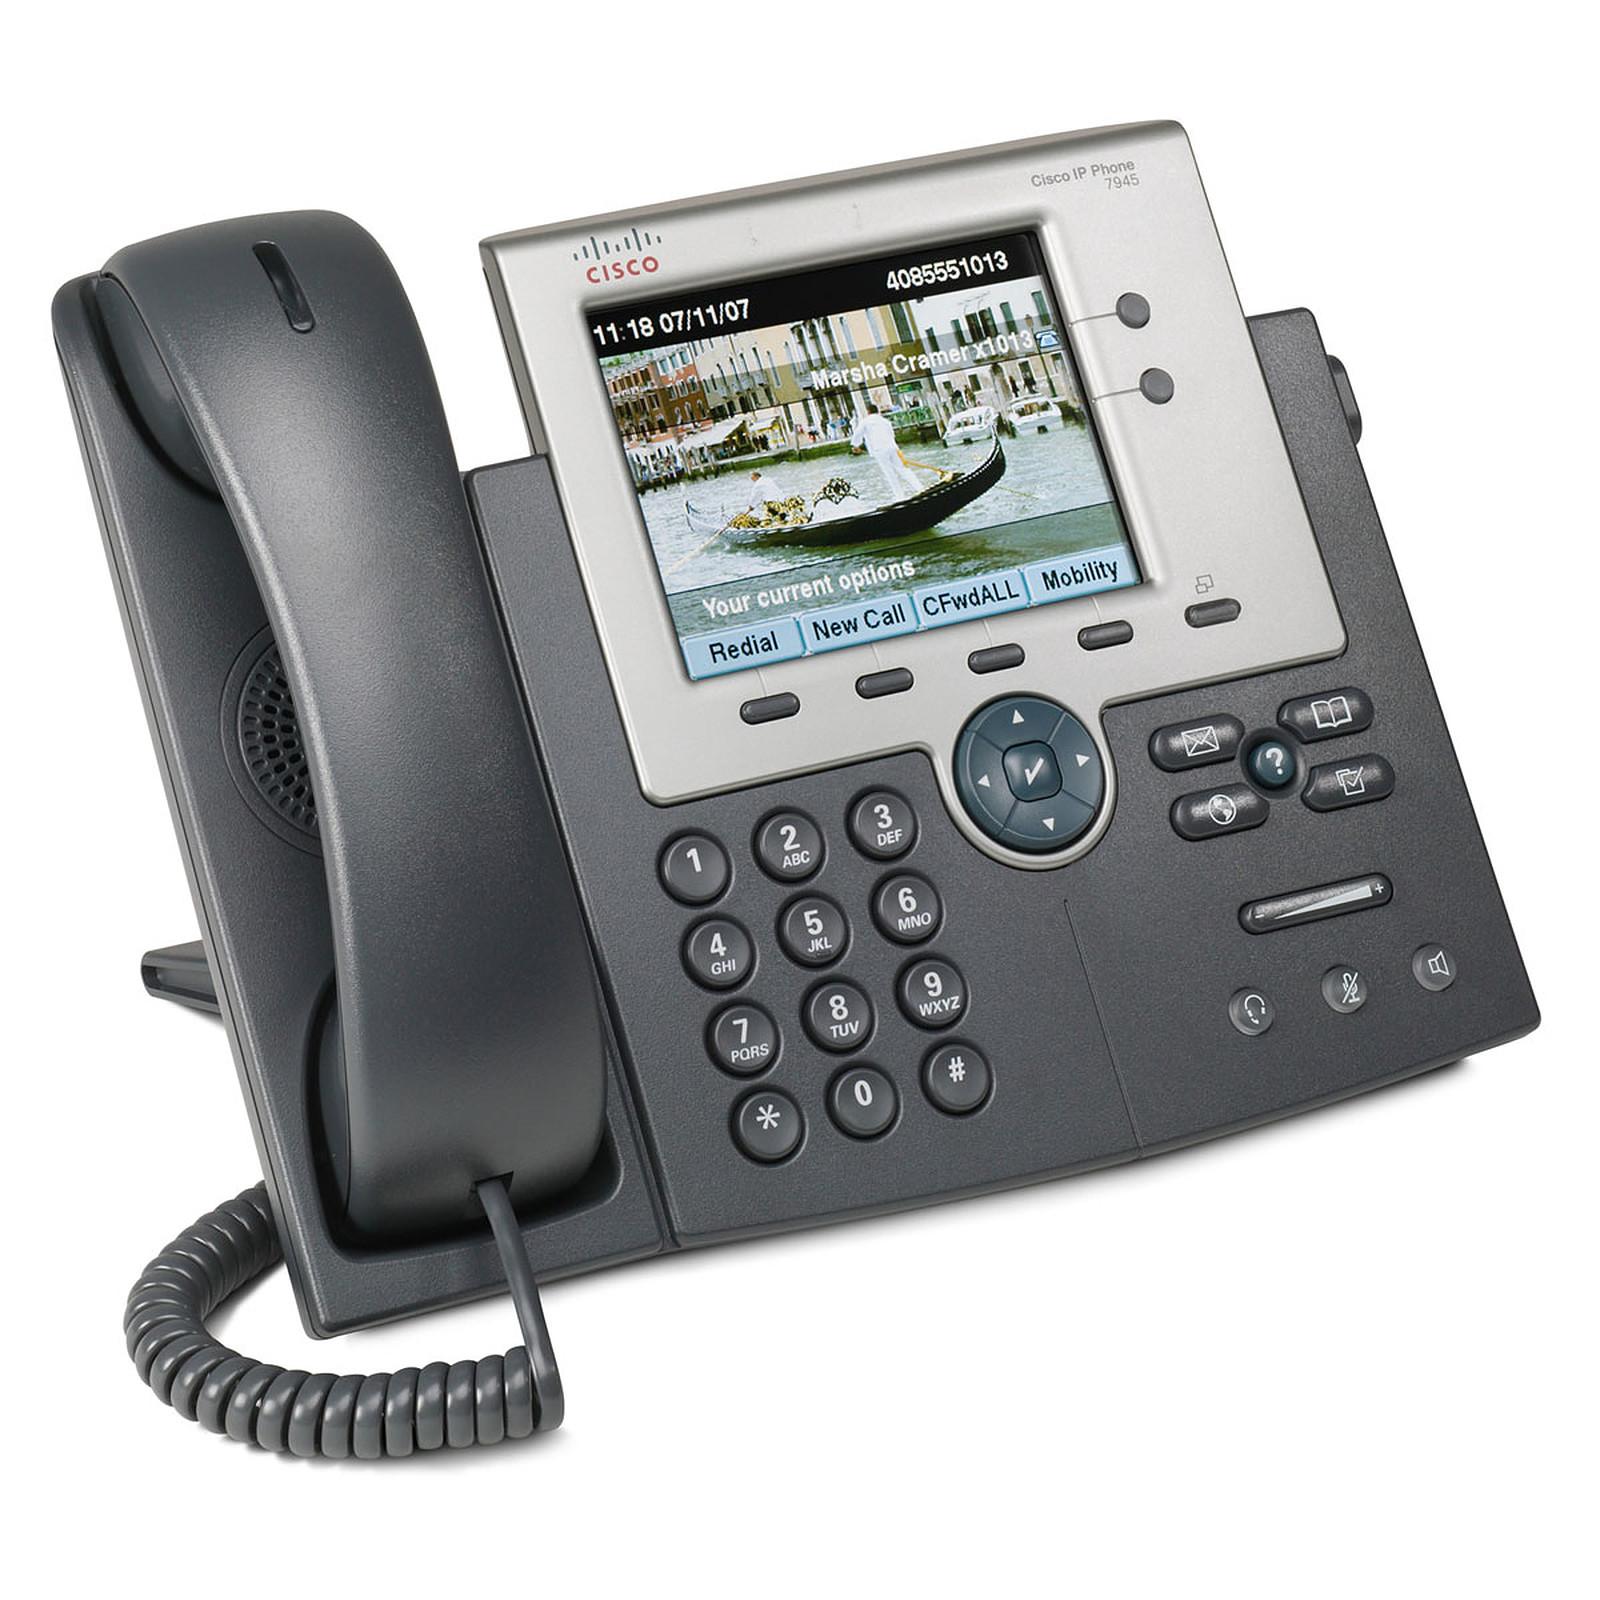 Cisco 7945g Téléphone Filaire Cisco Systems Sur Ldlccom